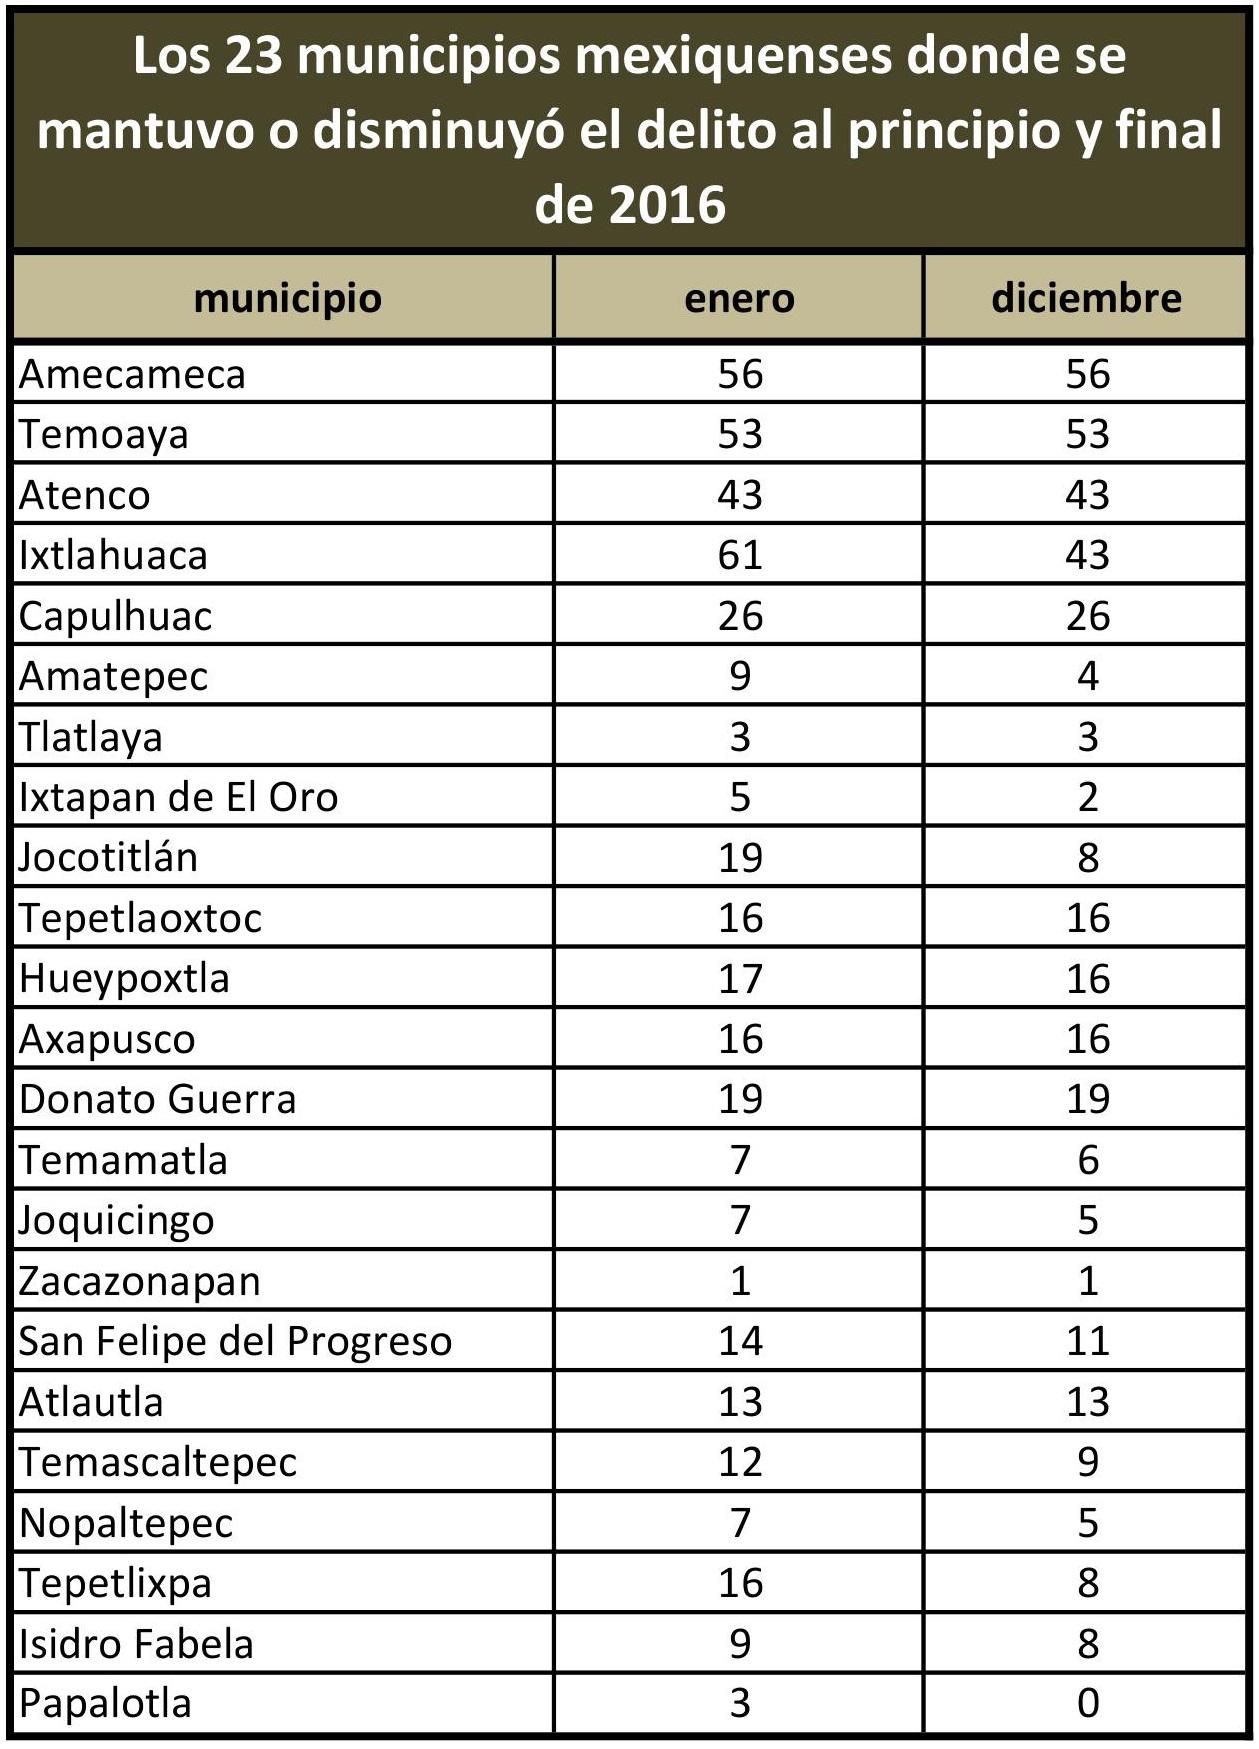 Los-23-municipios-del-Edomex-donde-se-verificó-una-disminución-de-delitos-en-2016.jpg